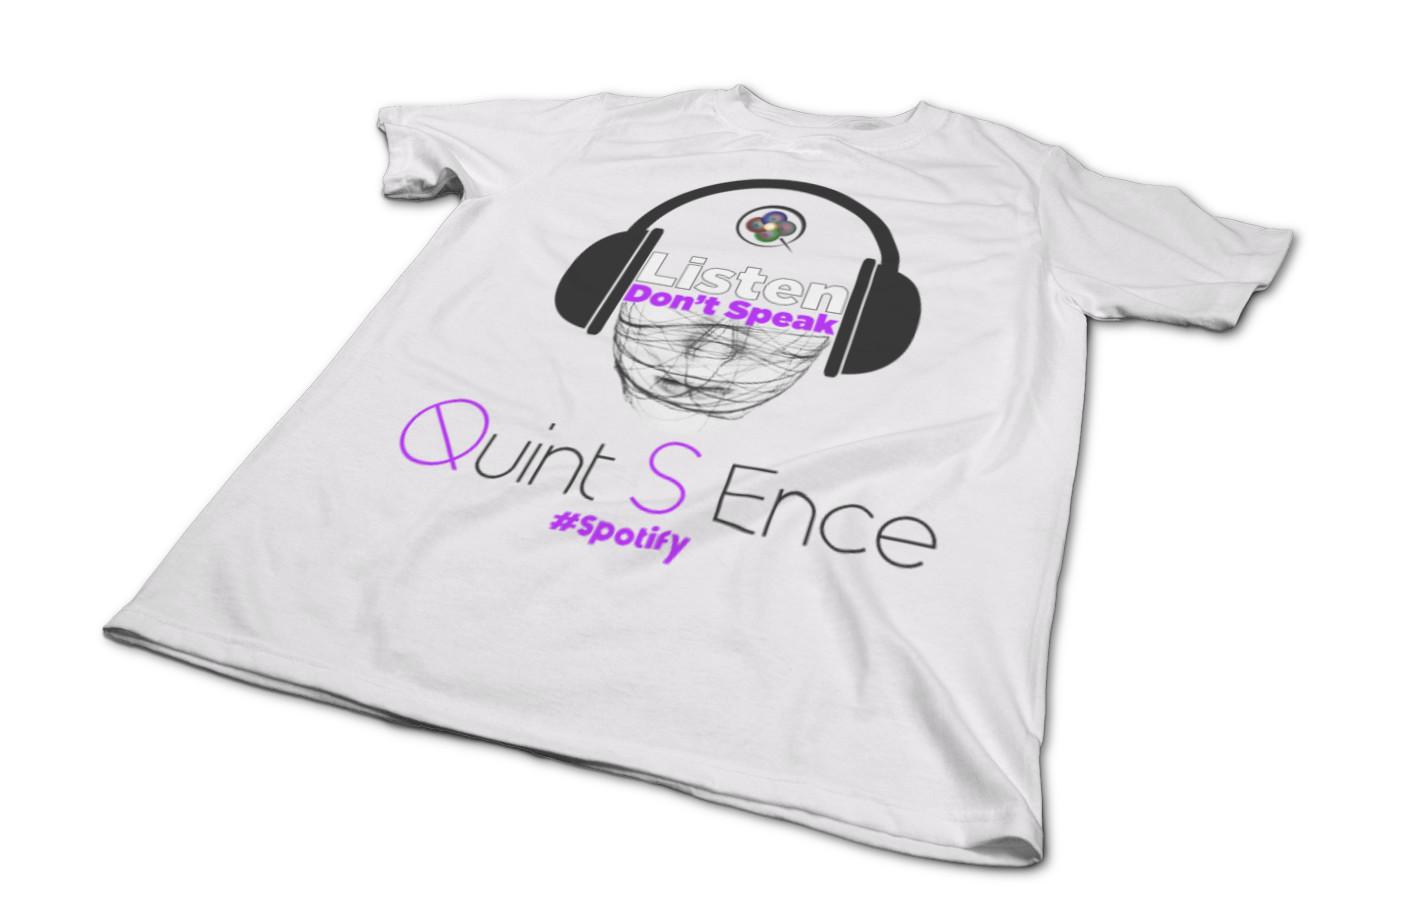 Quint s ence quint s ence   listen don t speak 1551110141